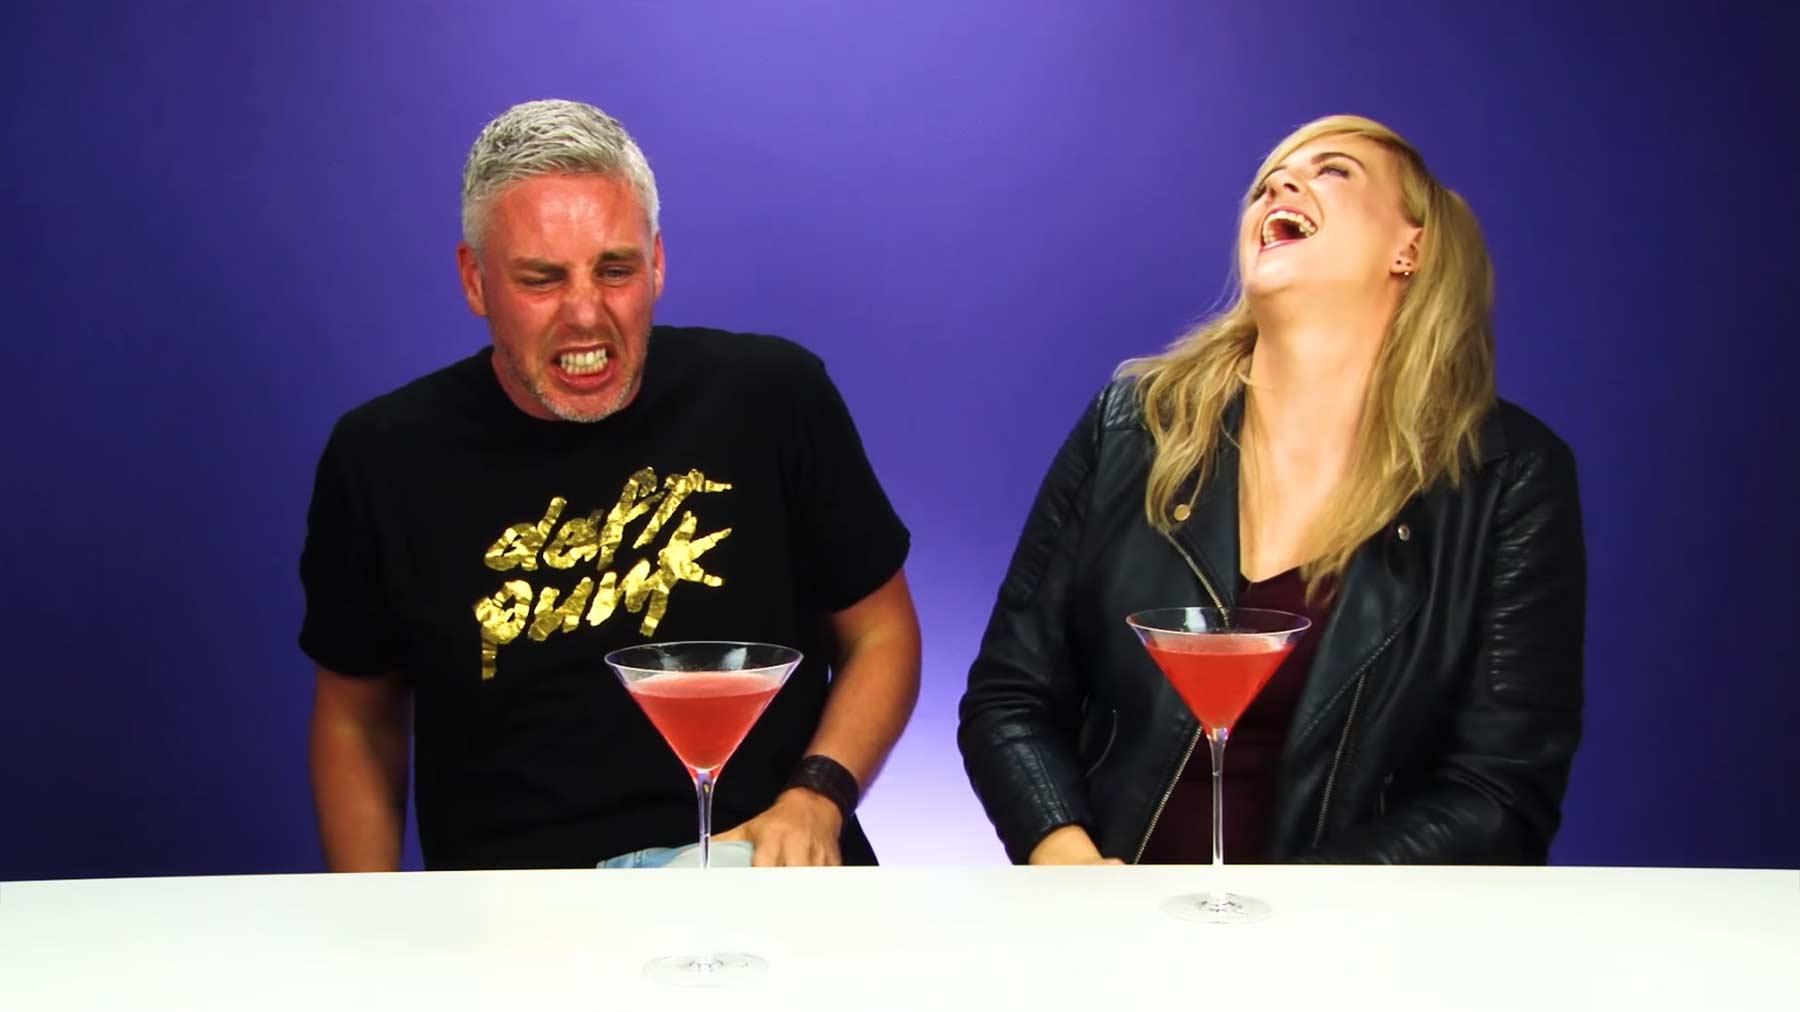 Iren probieren die stärksten Cocktails der Welt